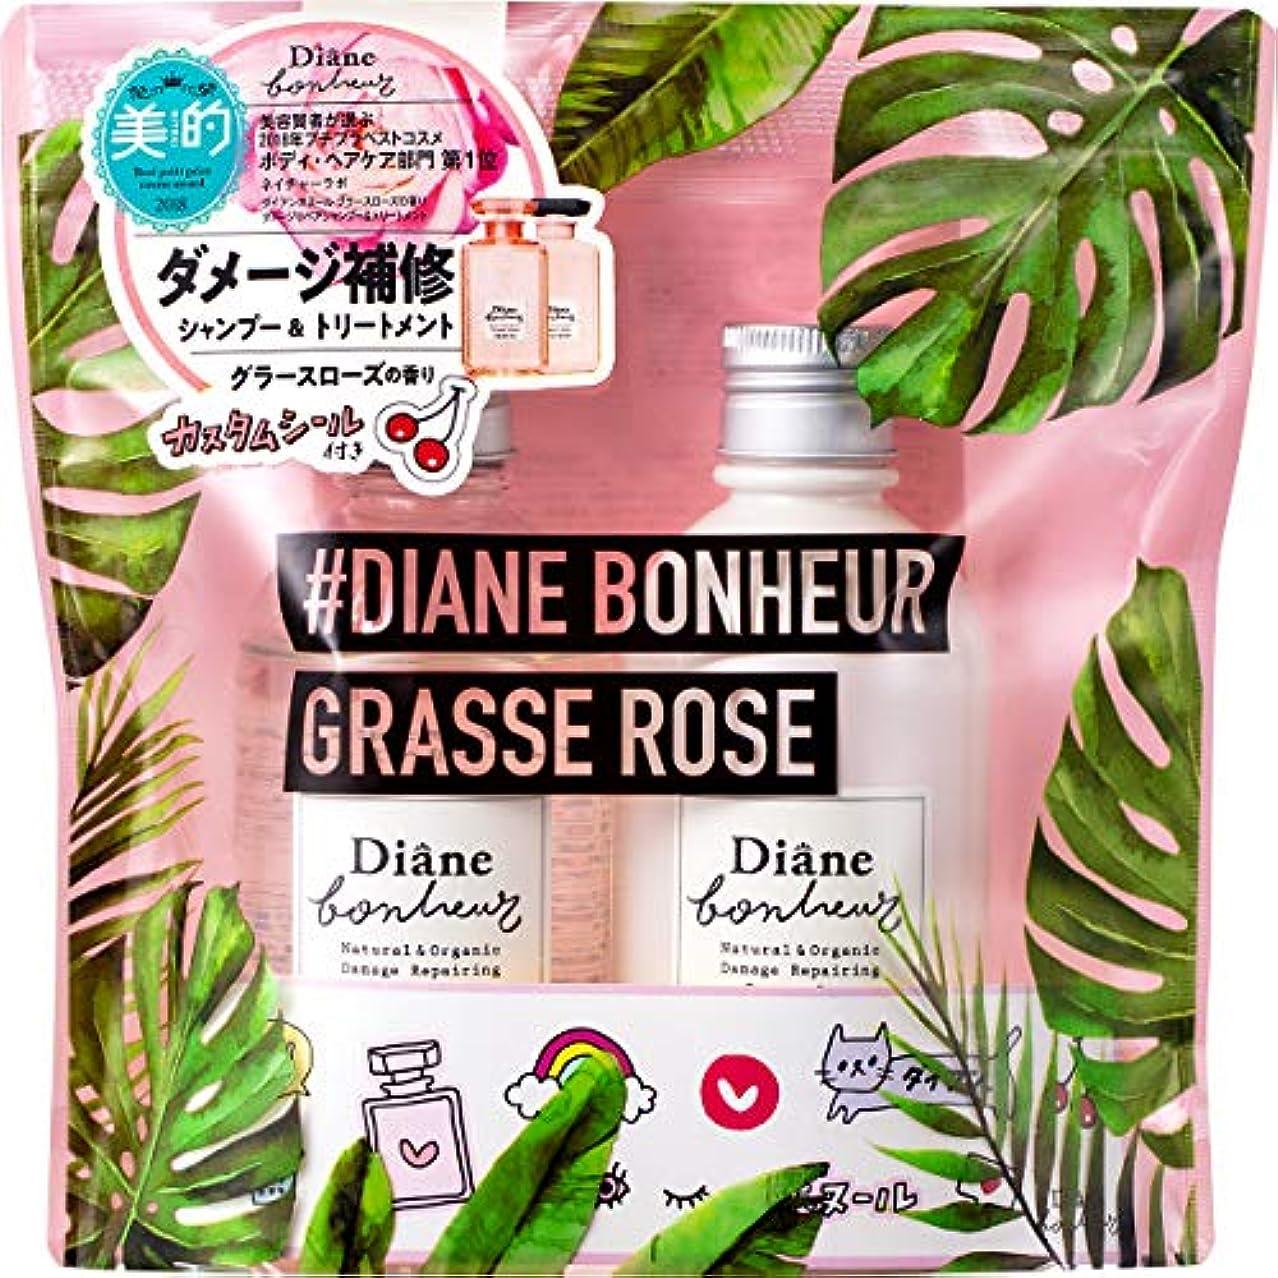 韻前にましいDiane Bonheur (ダイアン ボヌール) ダイアン ボヌール シャンプー&トリートメント セット GrasseRose 200mlボトル ポーチ付 200ml×2